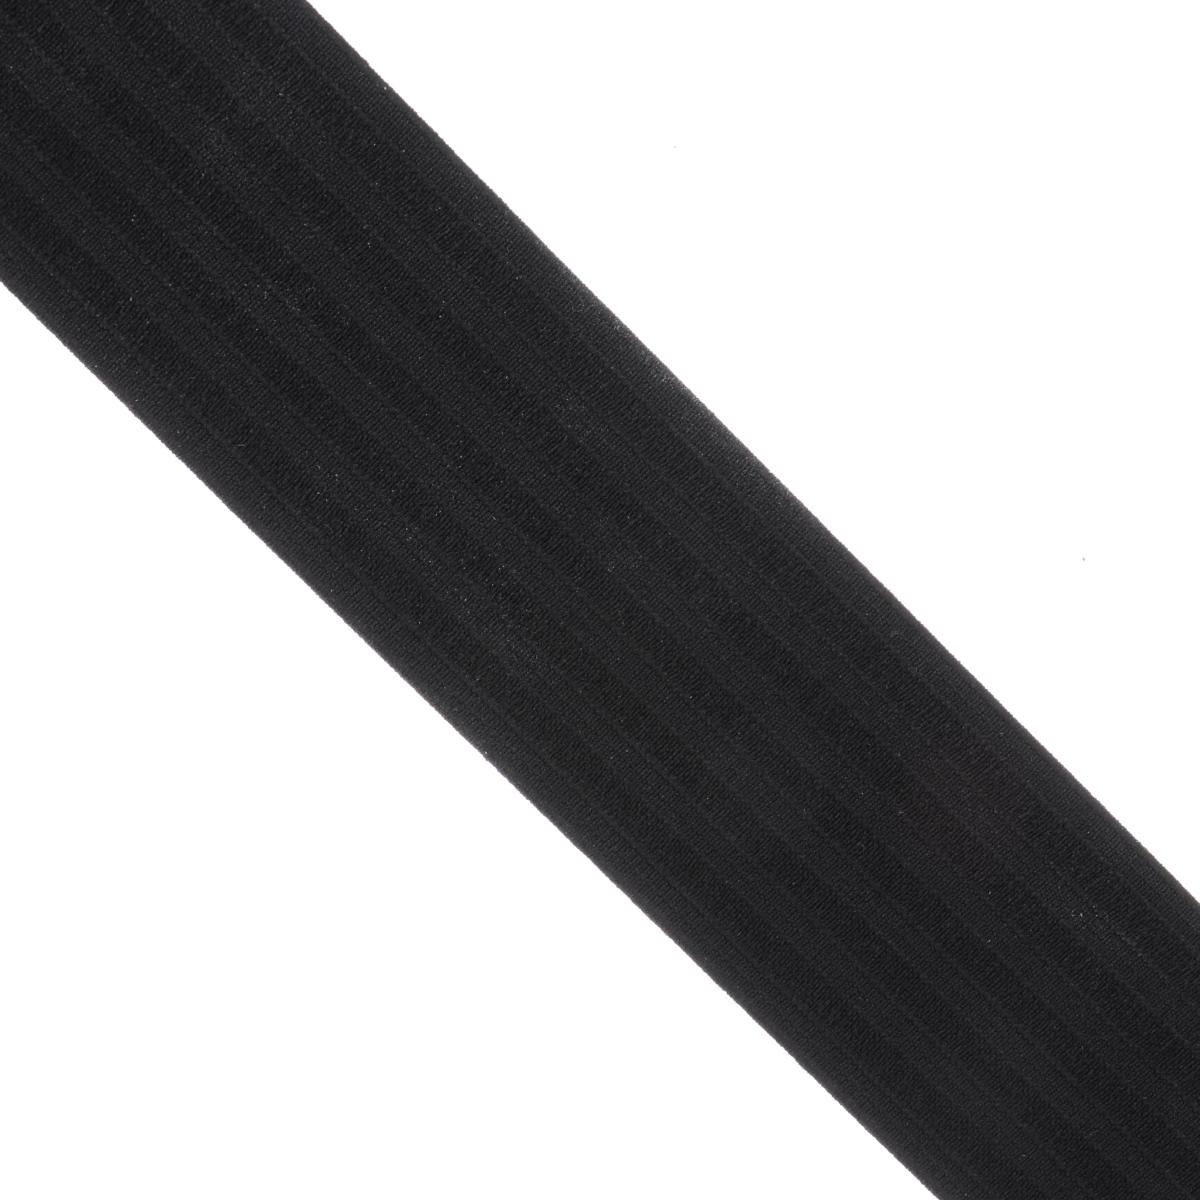 Лента эластичная Prym, для уплотнения шва, цвет: черный, ширина 3 см, длина 10 м693542Эластичная лента Prym предназначена для уплотнения шва. Выполнена из полиэстера (80%) и эластомера (20%). Ткань прочная, стабильная, облегчает равномерное притачивание внутренней отделки.Длина ленты: 10 м.Ширина ленты: 3 см.